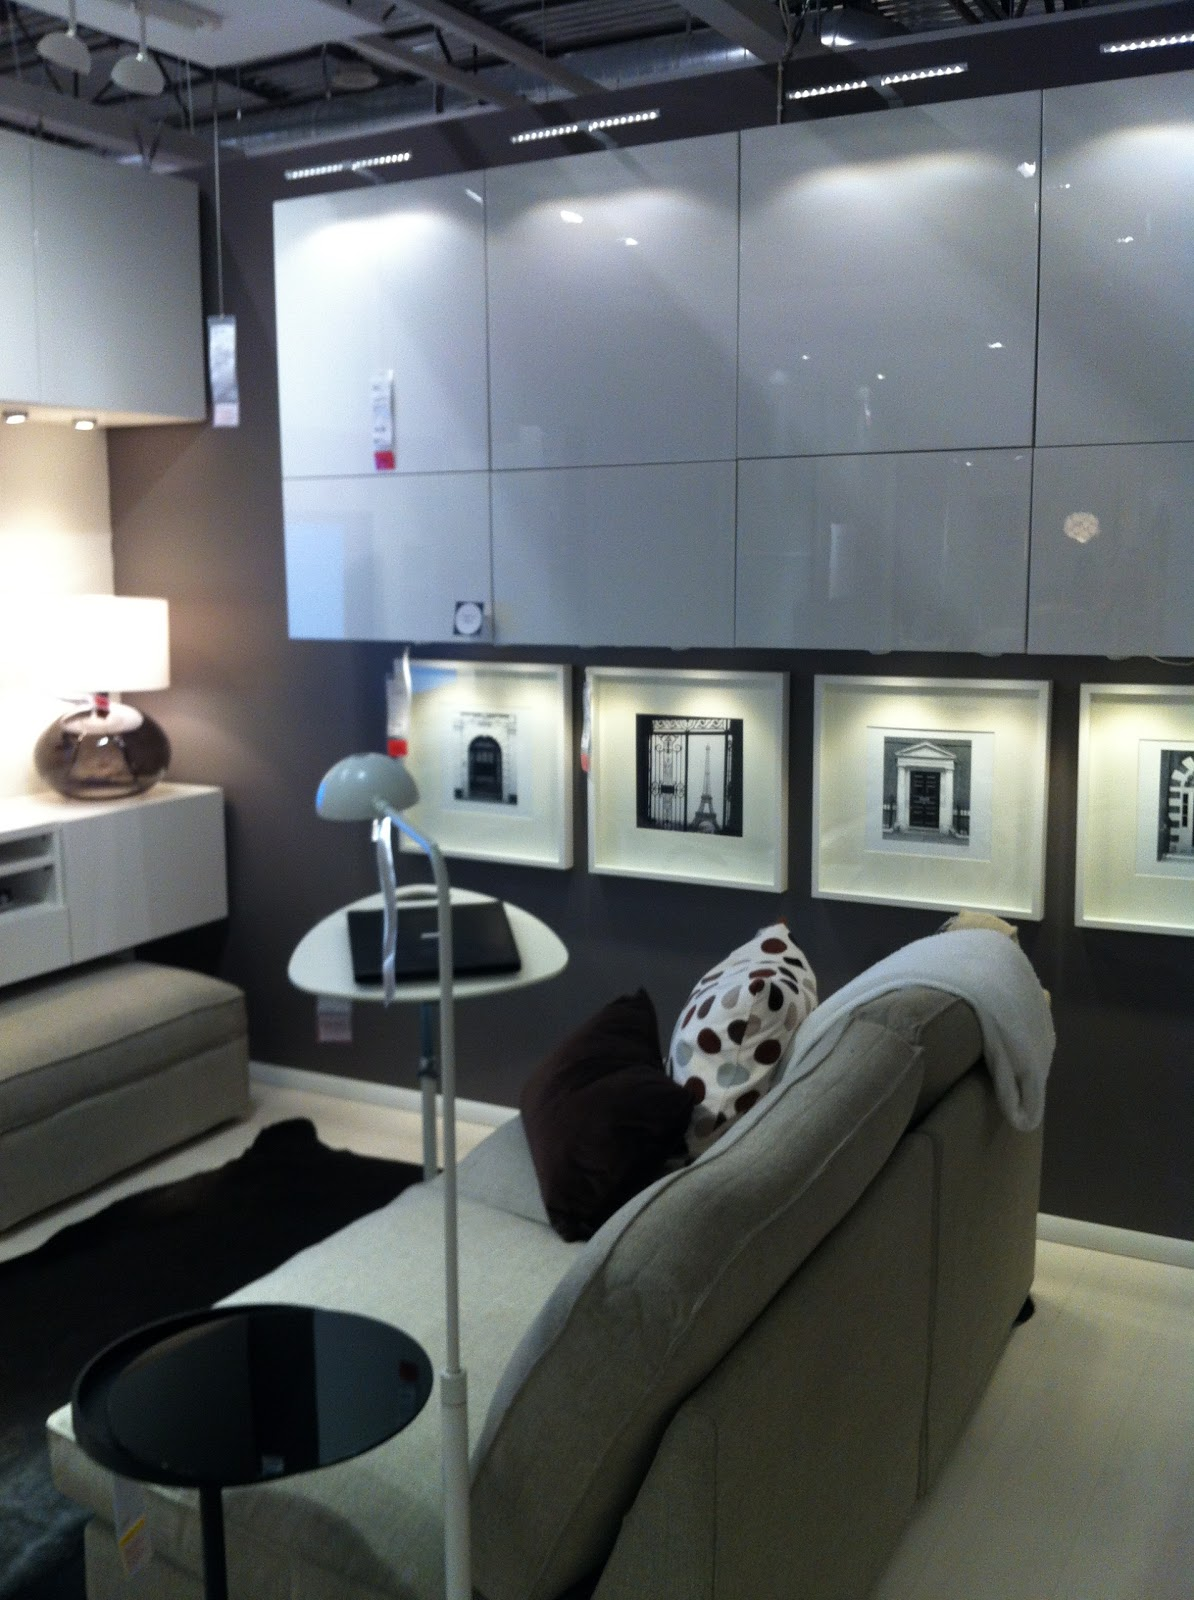 Design dump mini living room at ikea for Ikea living room ideas 2013